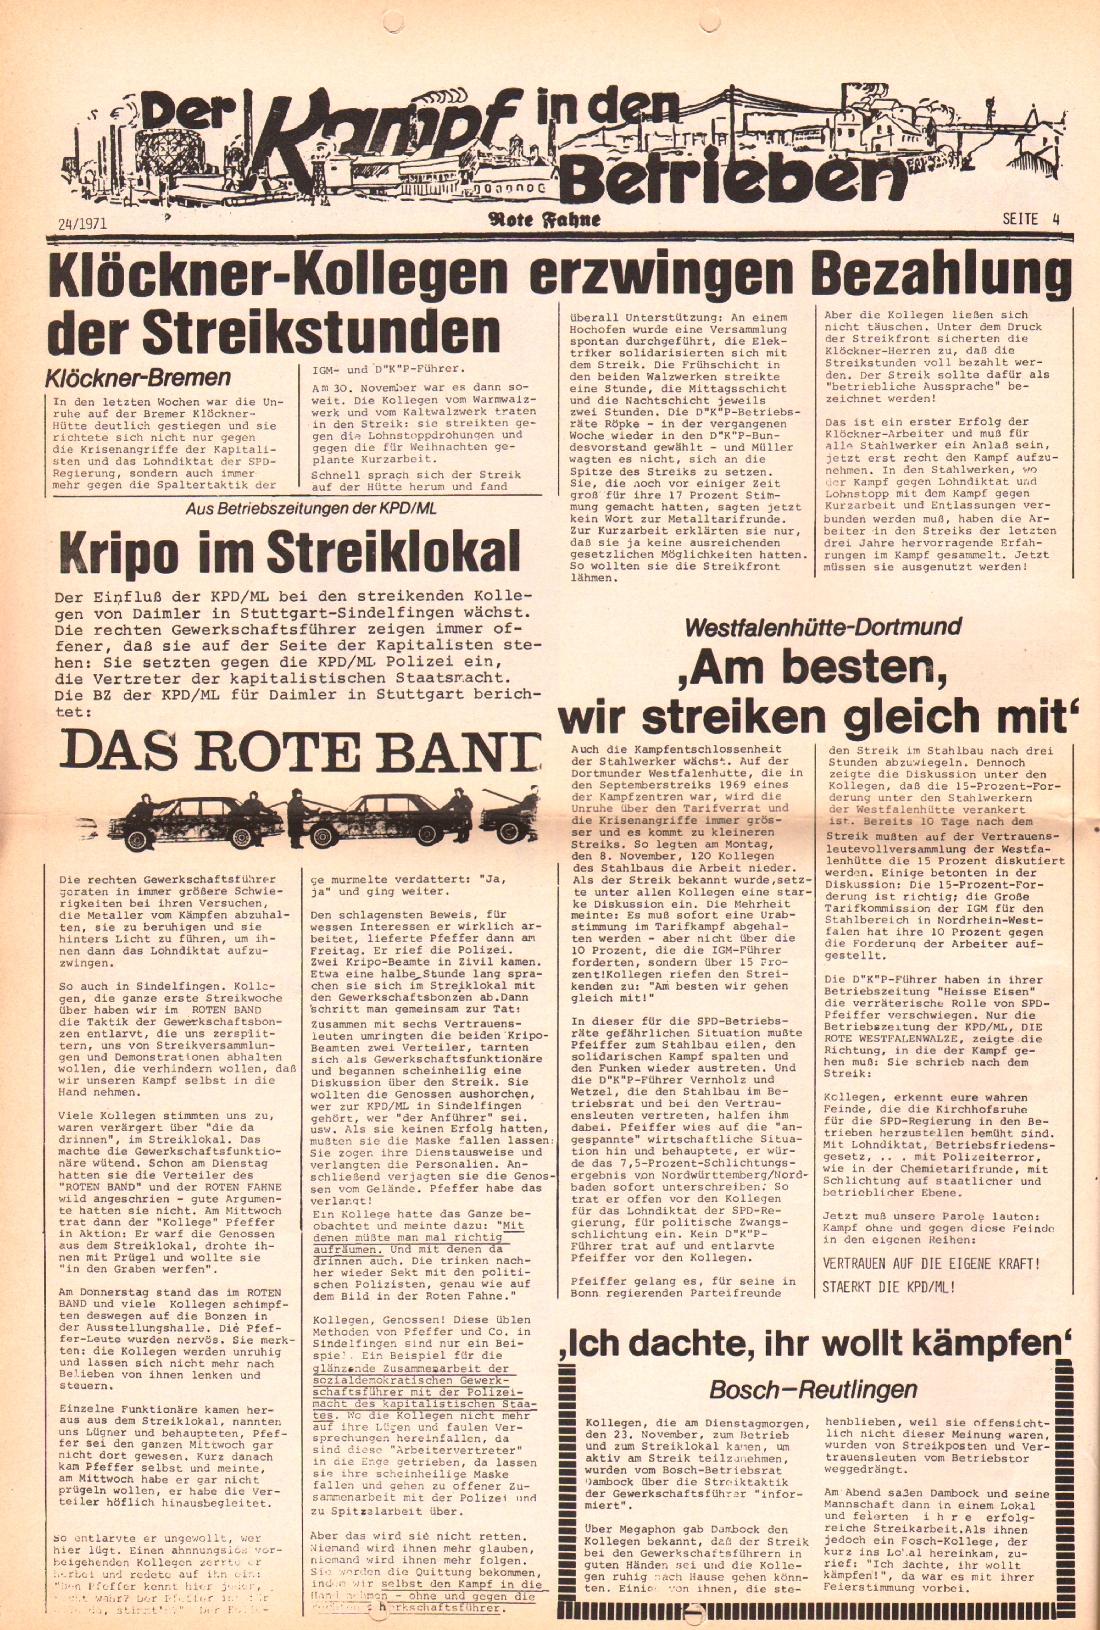 Rote Fahne, 2. Jg., 6.12.1971, Nr. 24, Seite 4